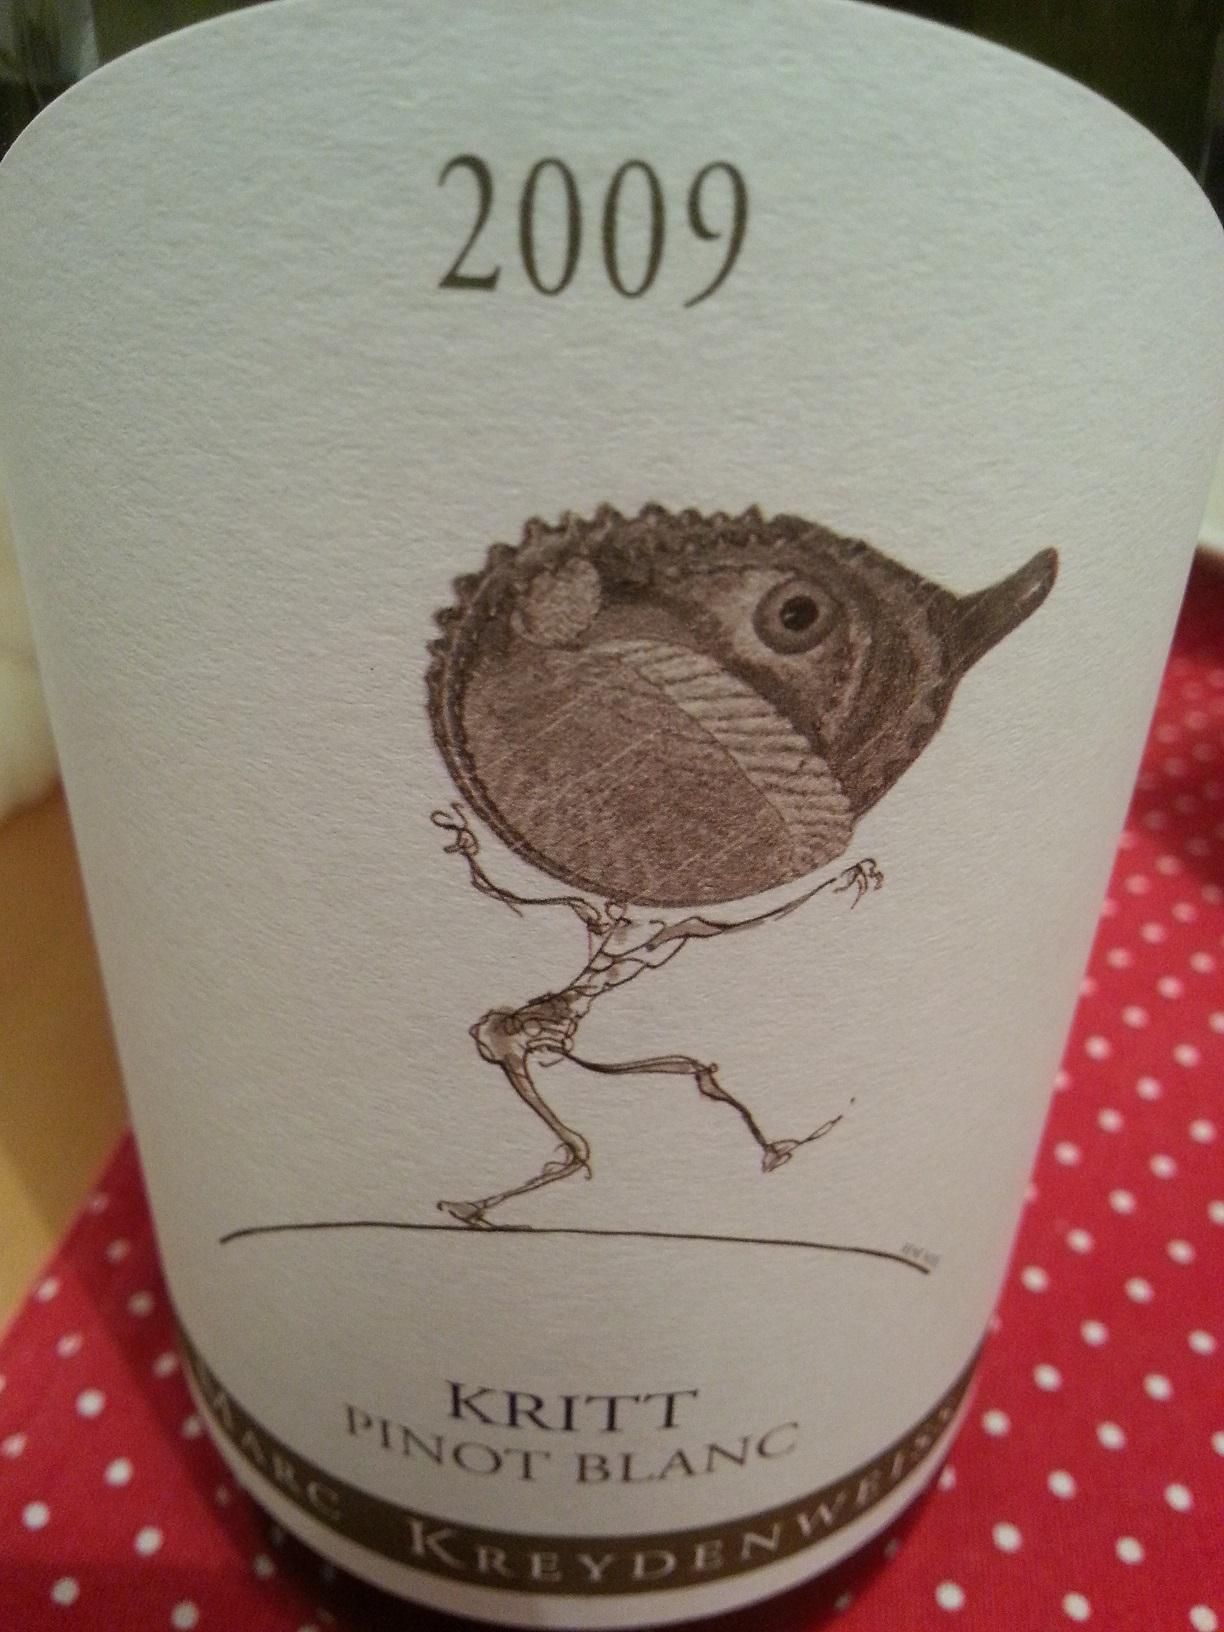 2009 Pinot Blanc Kritt | Kreydenweiss